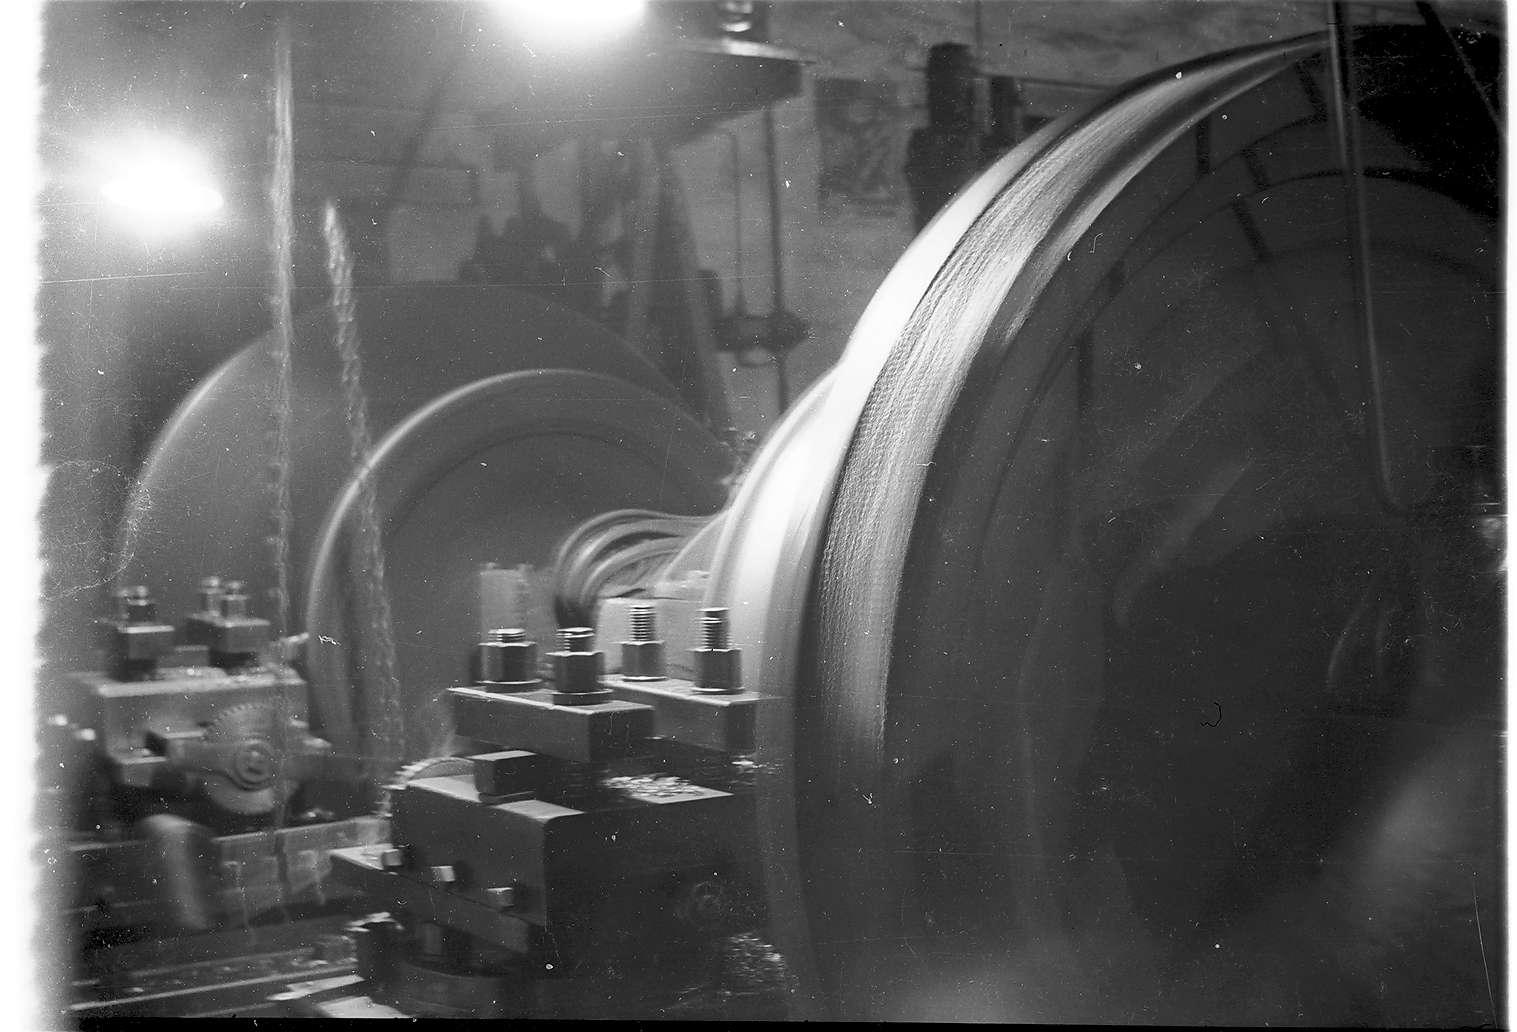 Gammertingen, Dampflokwerkstatt, alte Achsendrehbank von 1909, ursprünglich angetrieben von einem Dampflokmobil, 1964 ersetzt durch eine Drehbank von 1942, die 2009 noch vorhanden ist, Bild 1